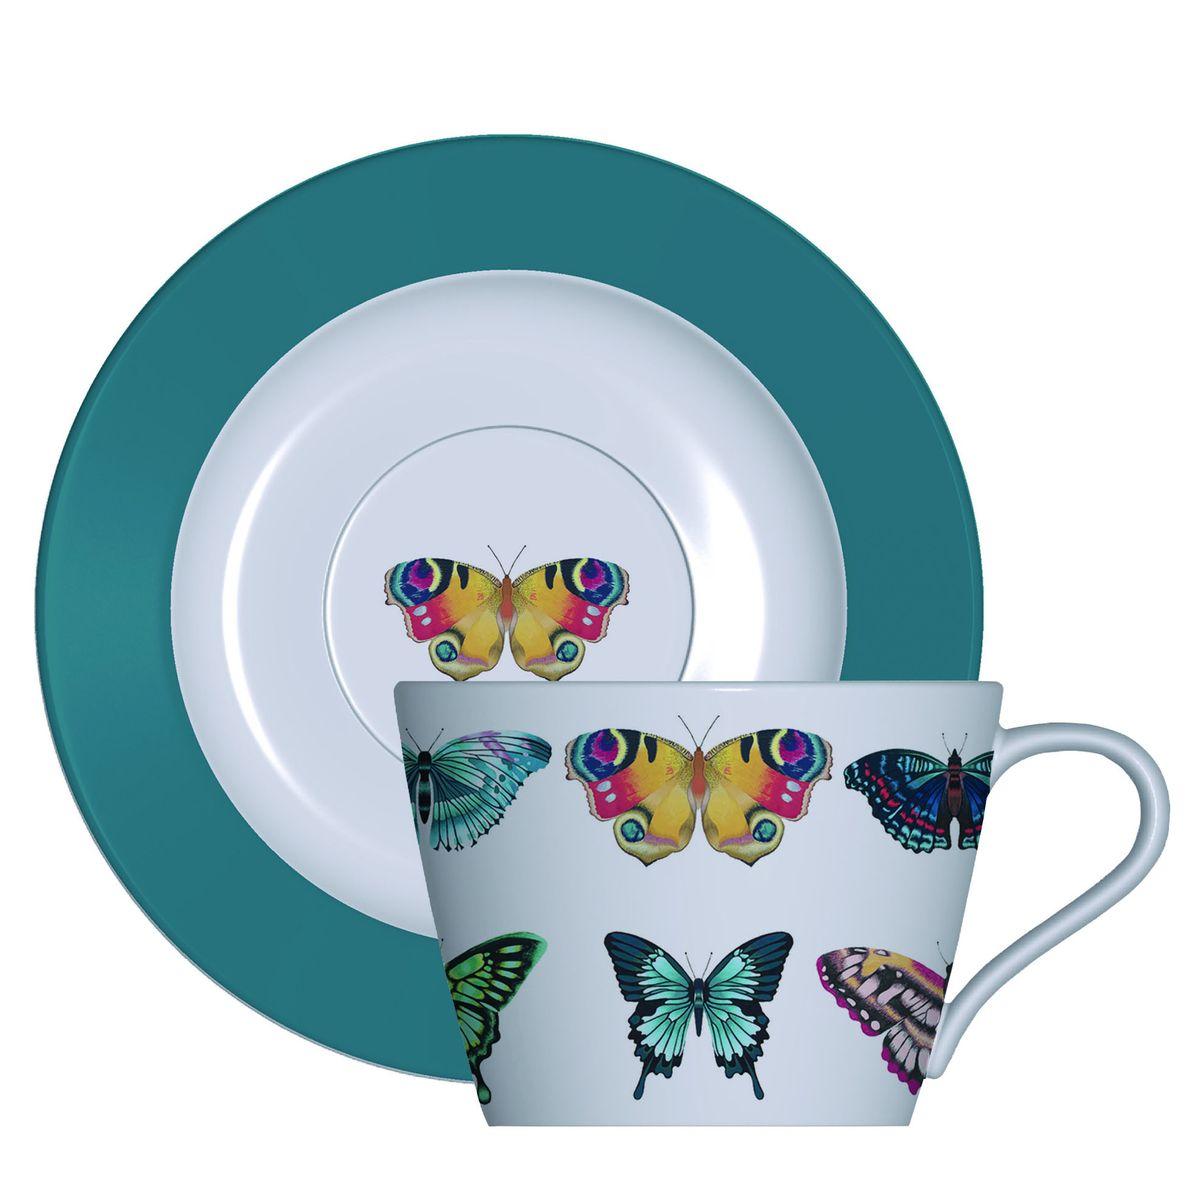 Чайная пара Churchill Бабочки, 2 предметаHARL00341Чайная пара Churchill Бабочки состоит из чашки и блюдца. Изделия выполнены из высококачественного костяного фарфора и оформлены красочным изображением бабочек.Можно мыть в посудомоечной машине. Можно использовать в микроволновой печи.